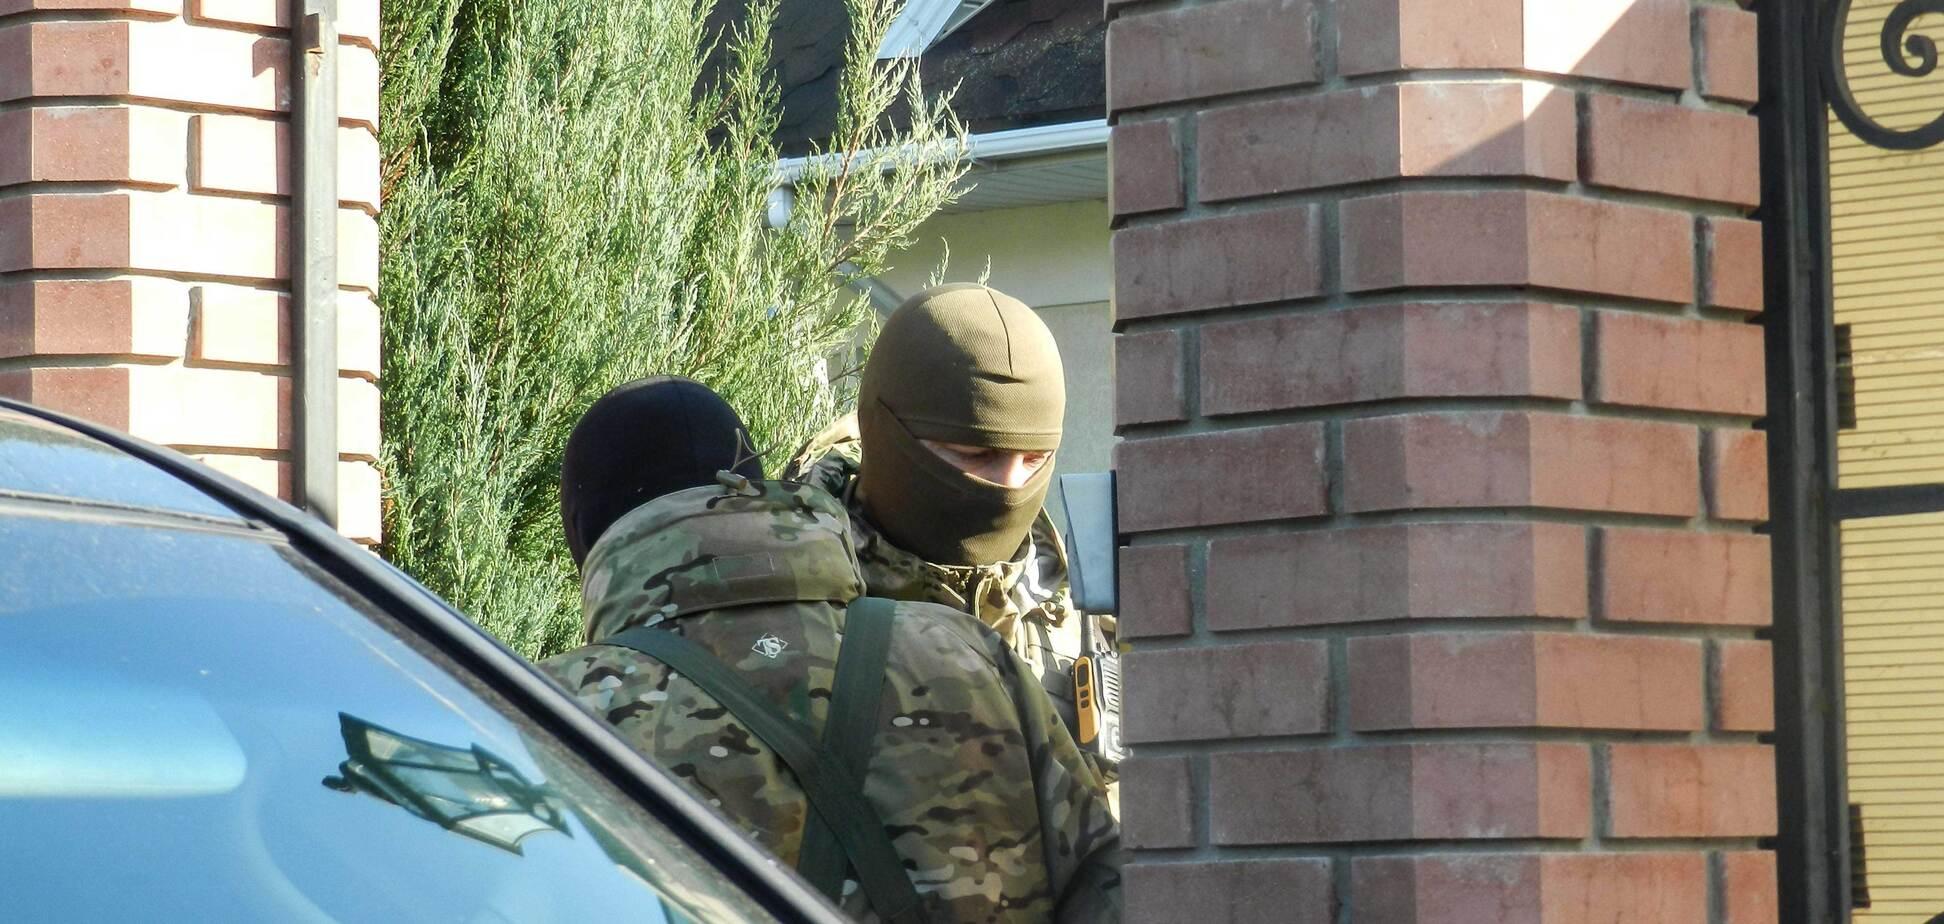 Скандальна забудова під Києвом: до протестувальників застосували 'важку артилерію'